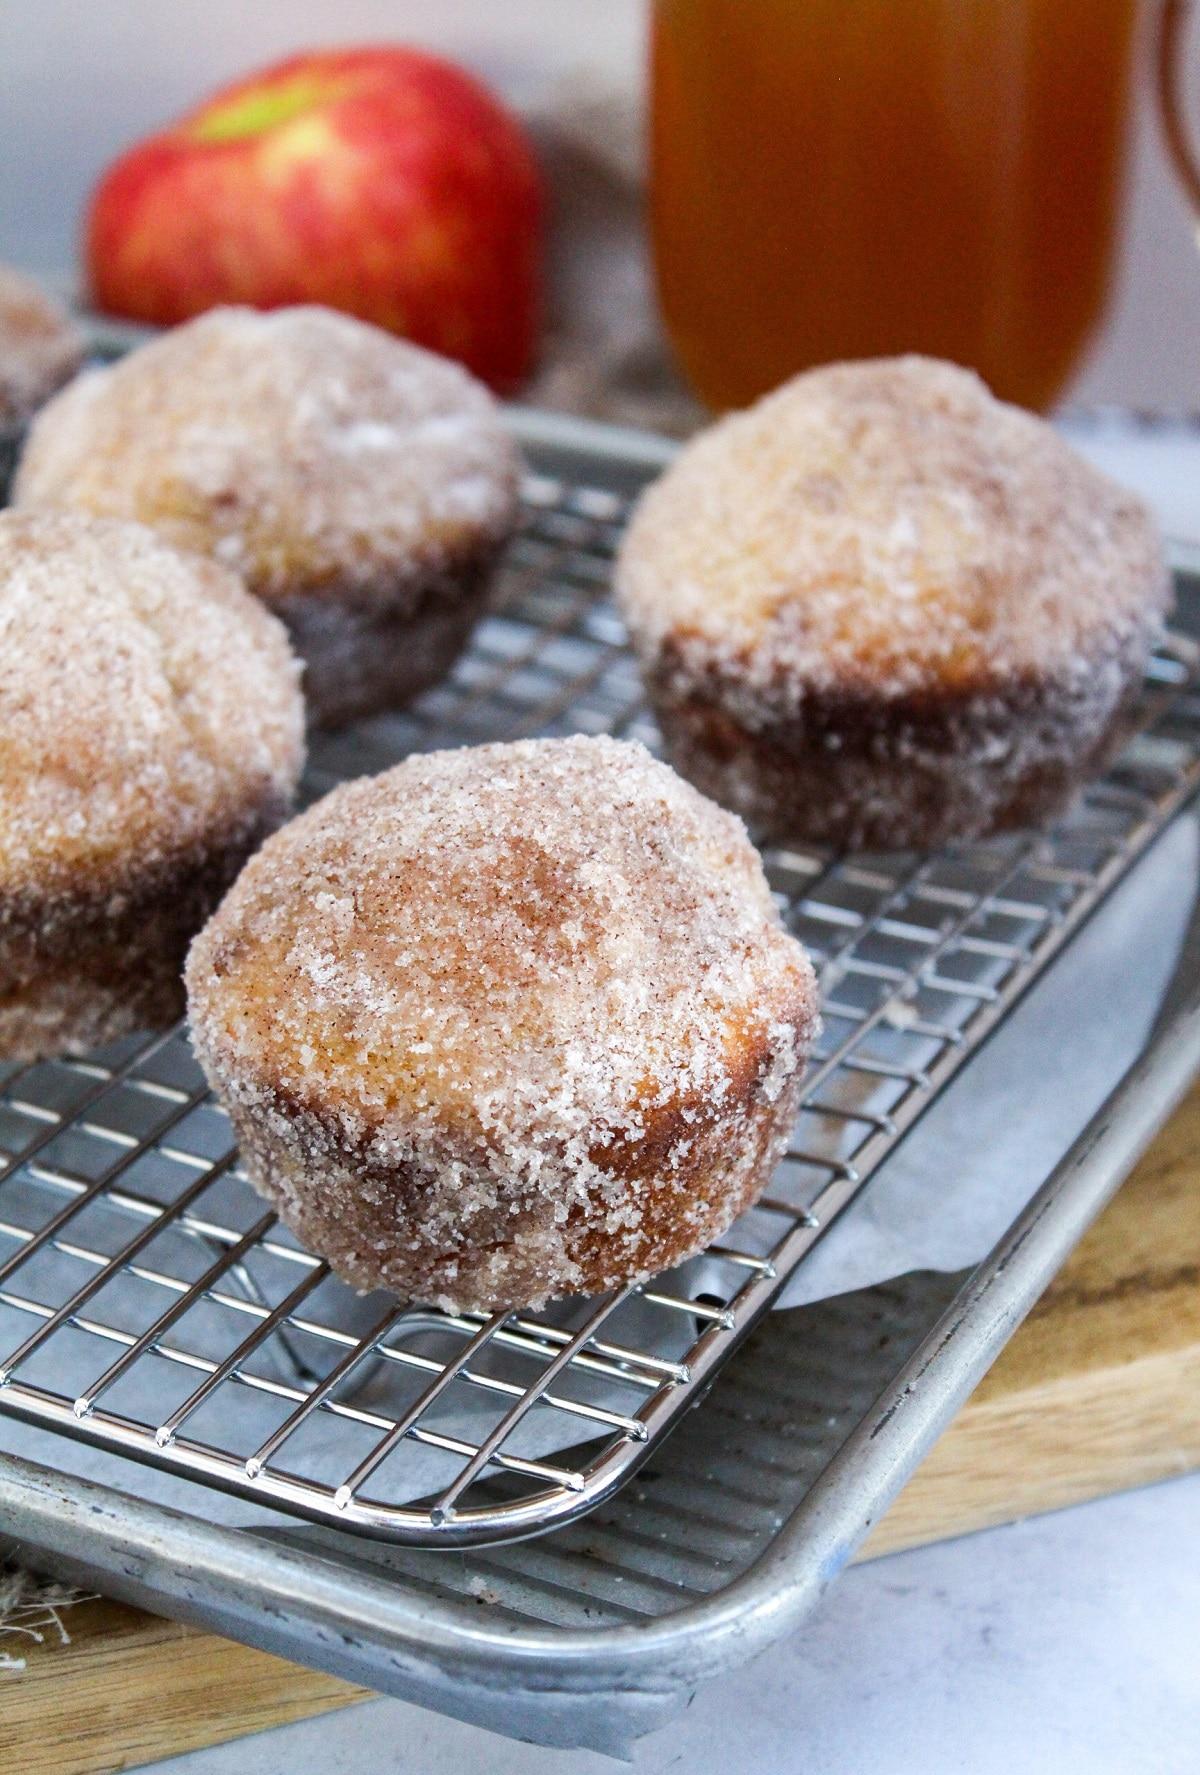 apple cider donut muffins on cooling rack